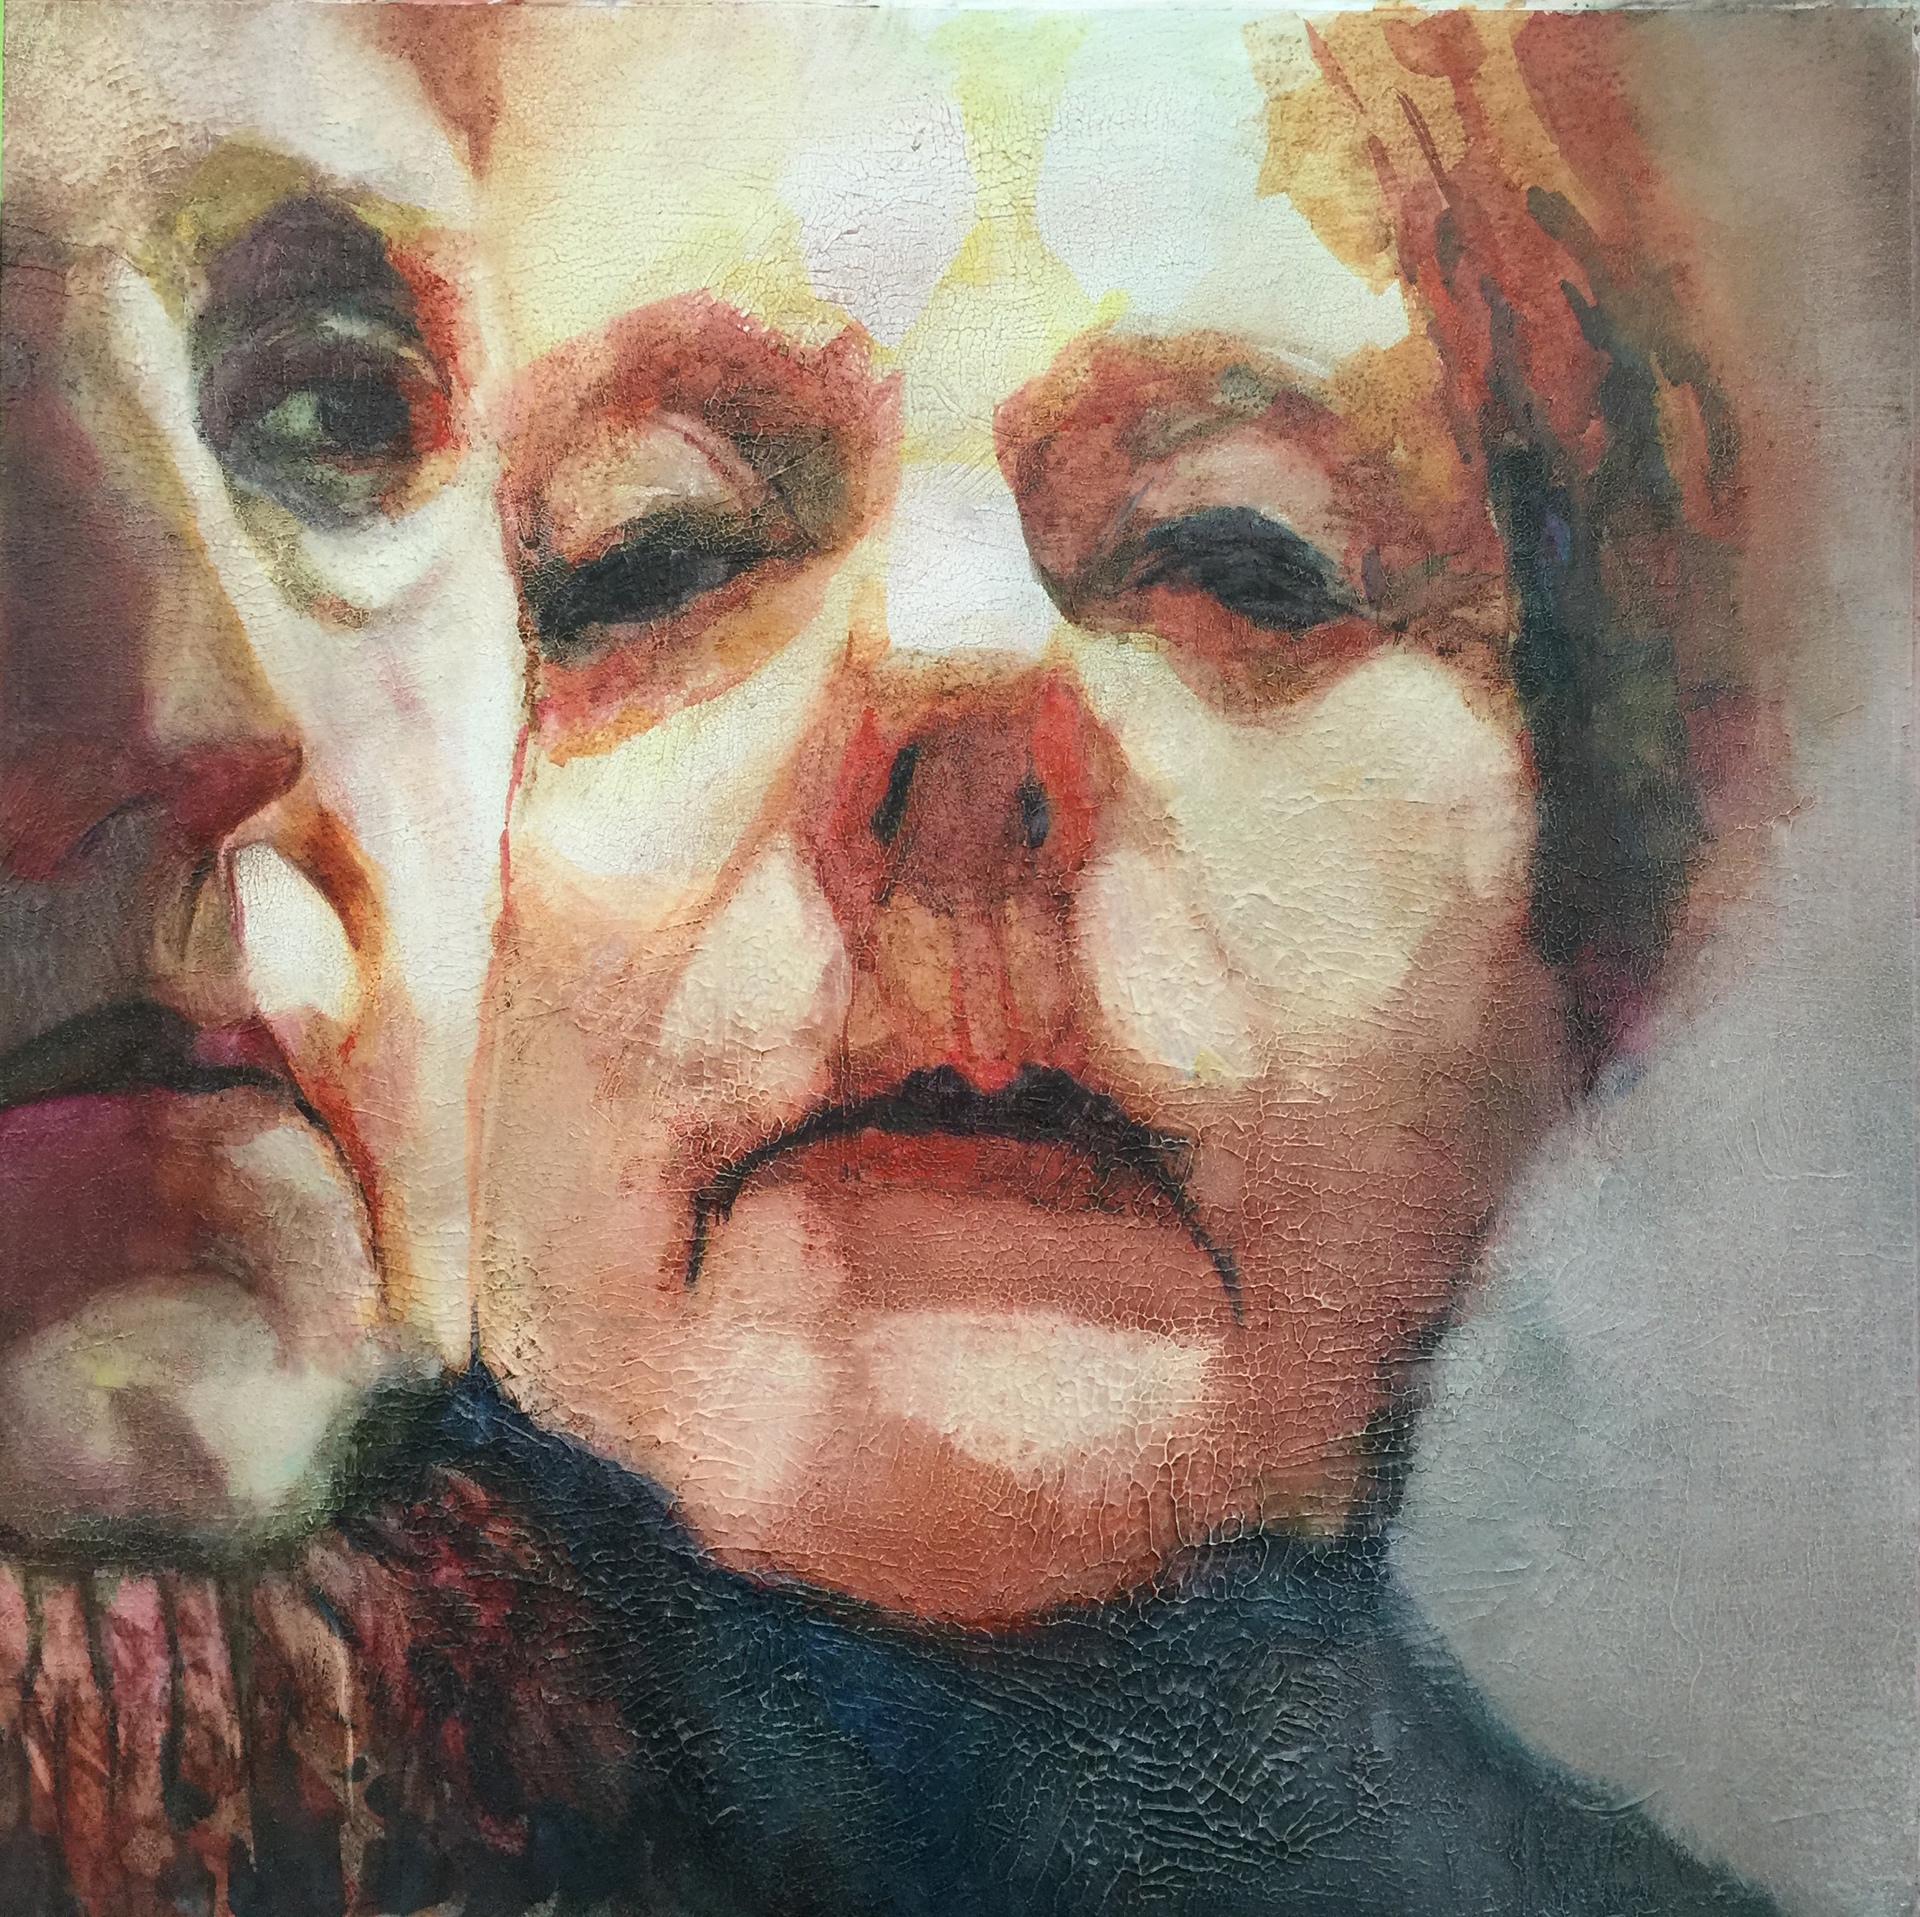 Myrna Wacknov, Doppleganger